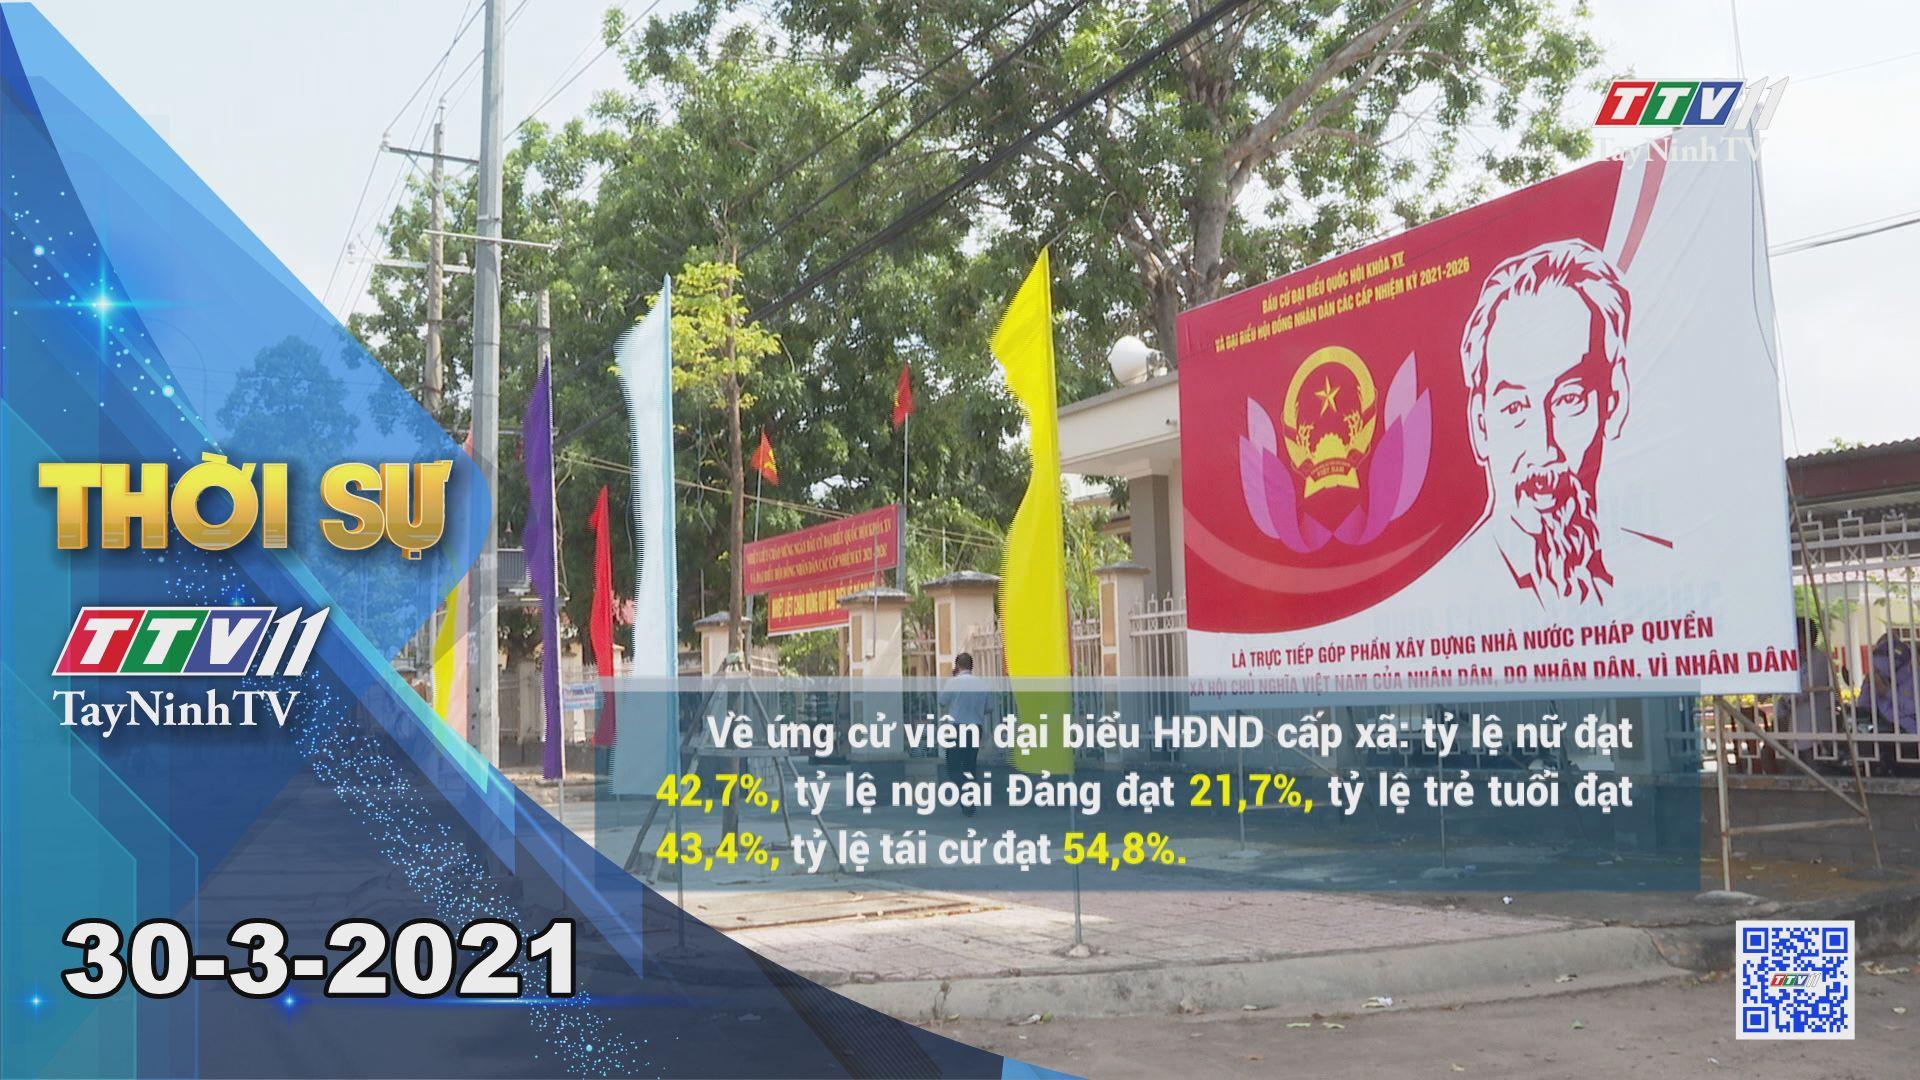 Thời sự Tây Ninh 30-3-2021 | Tin tức hôm nay | TayNinhTV